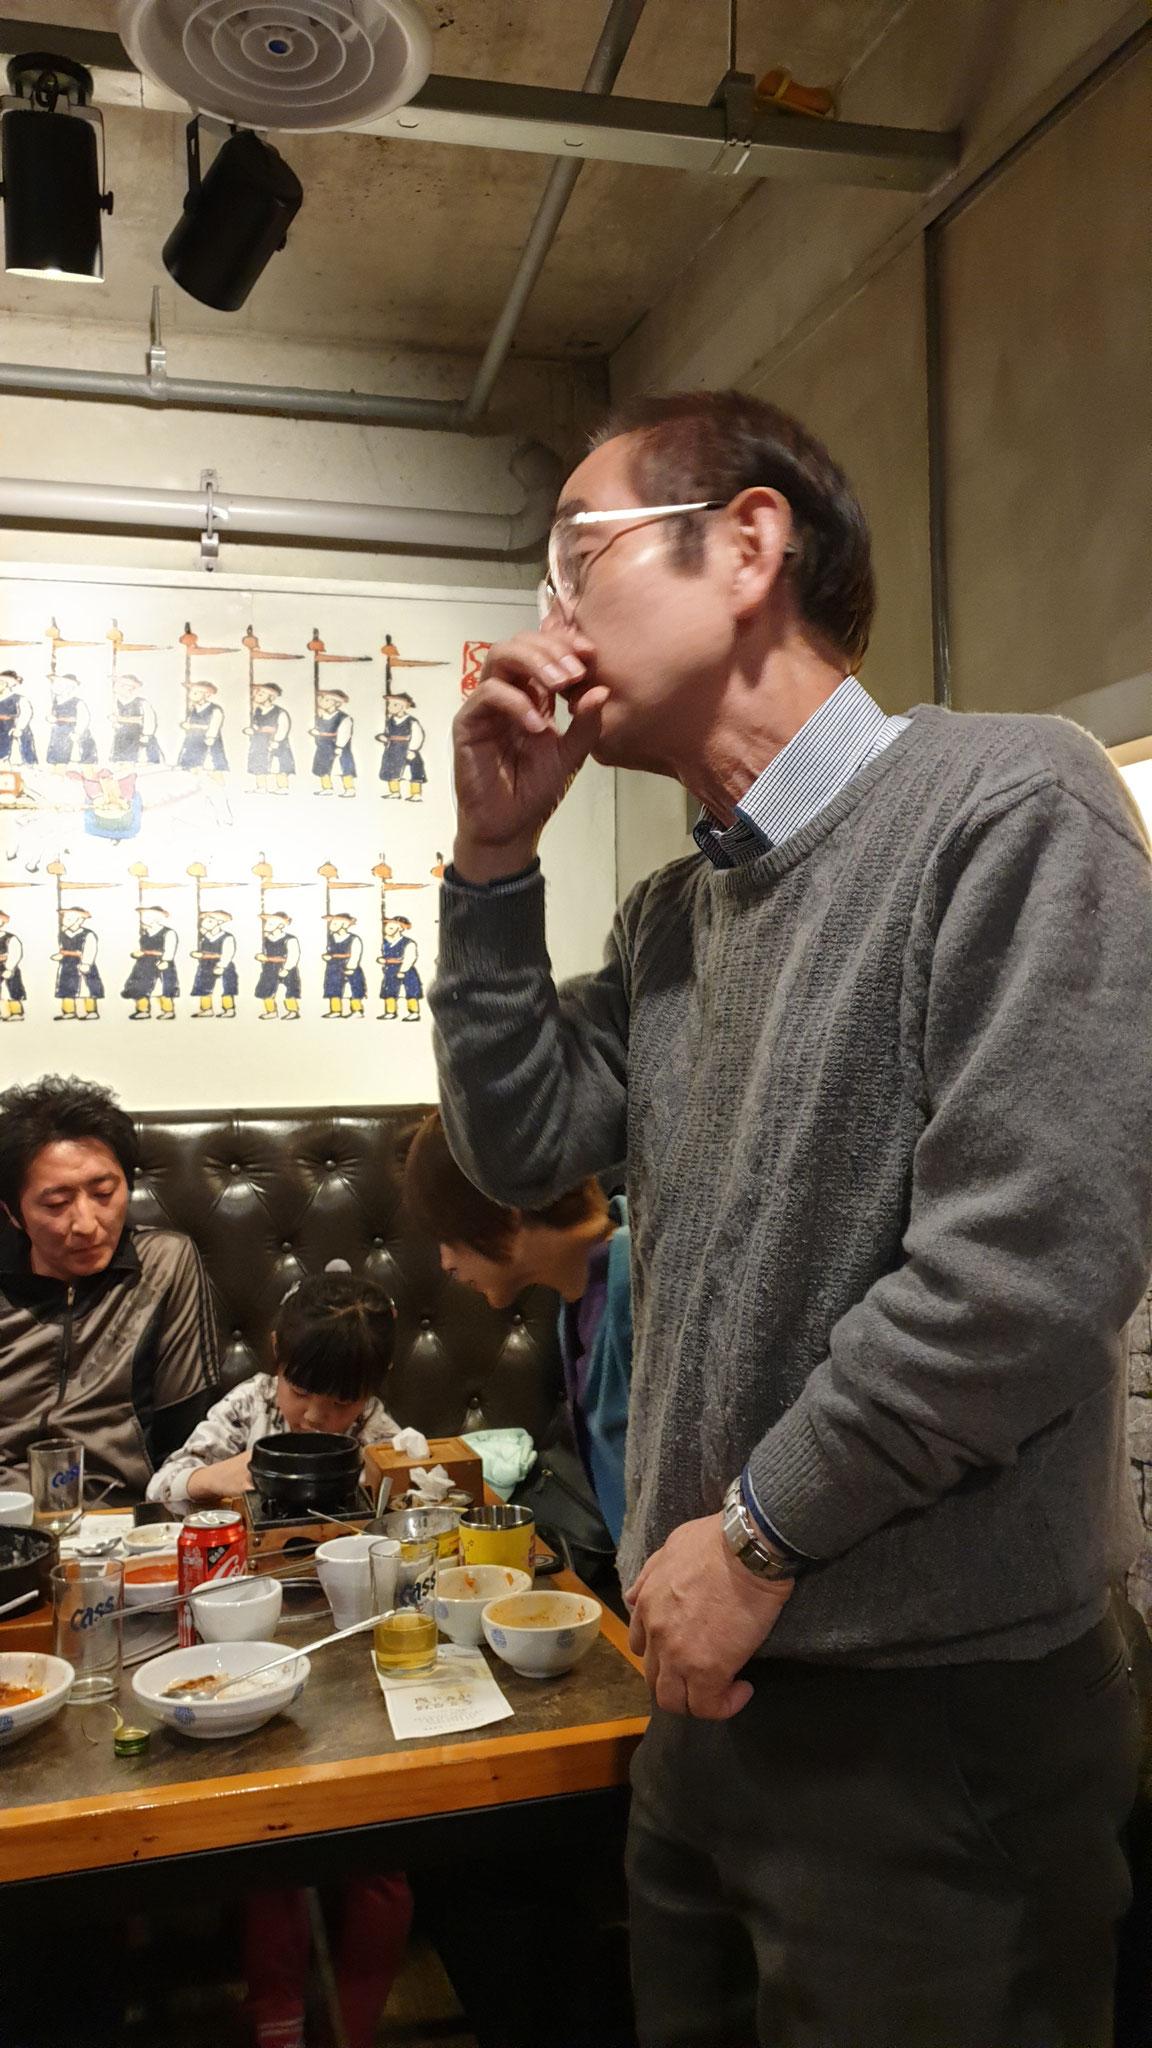 2019年3月歓送会@장사랑 (梨泰院駅近く): 村田先生